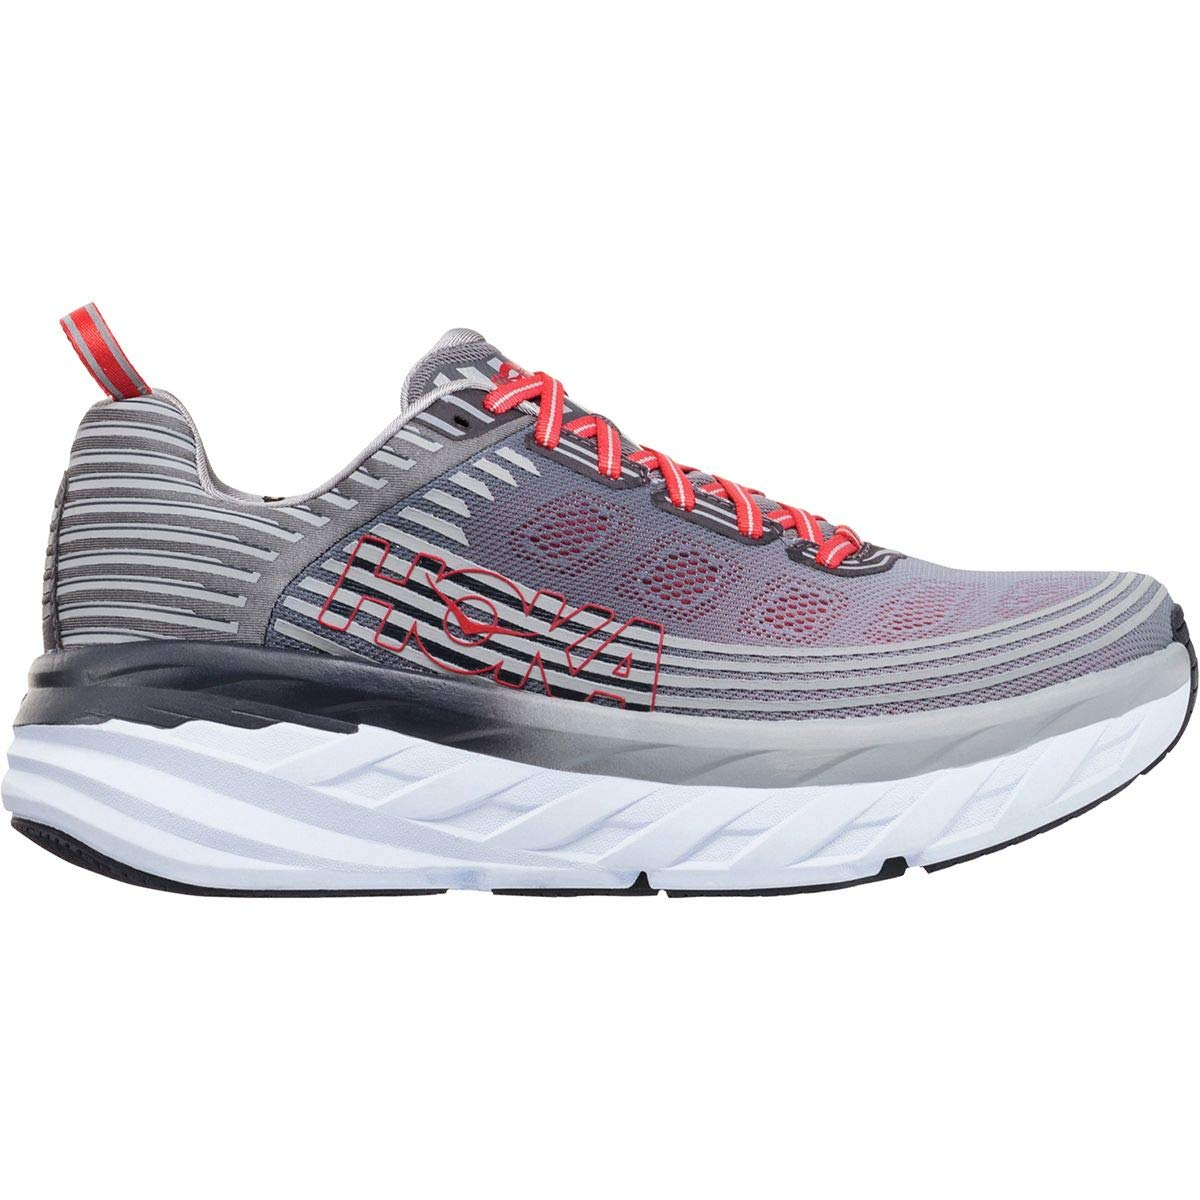 [ホッカオネオネ] 6 メンズ ランニング Bondi 6 Running ランニング Shoe [並行輸入品] Bondi B07JYWXD42 9.5, アジアンランプ&家具雑貨チャハヤ:c433ba3d --- dqfansurvey.online